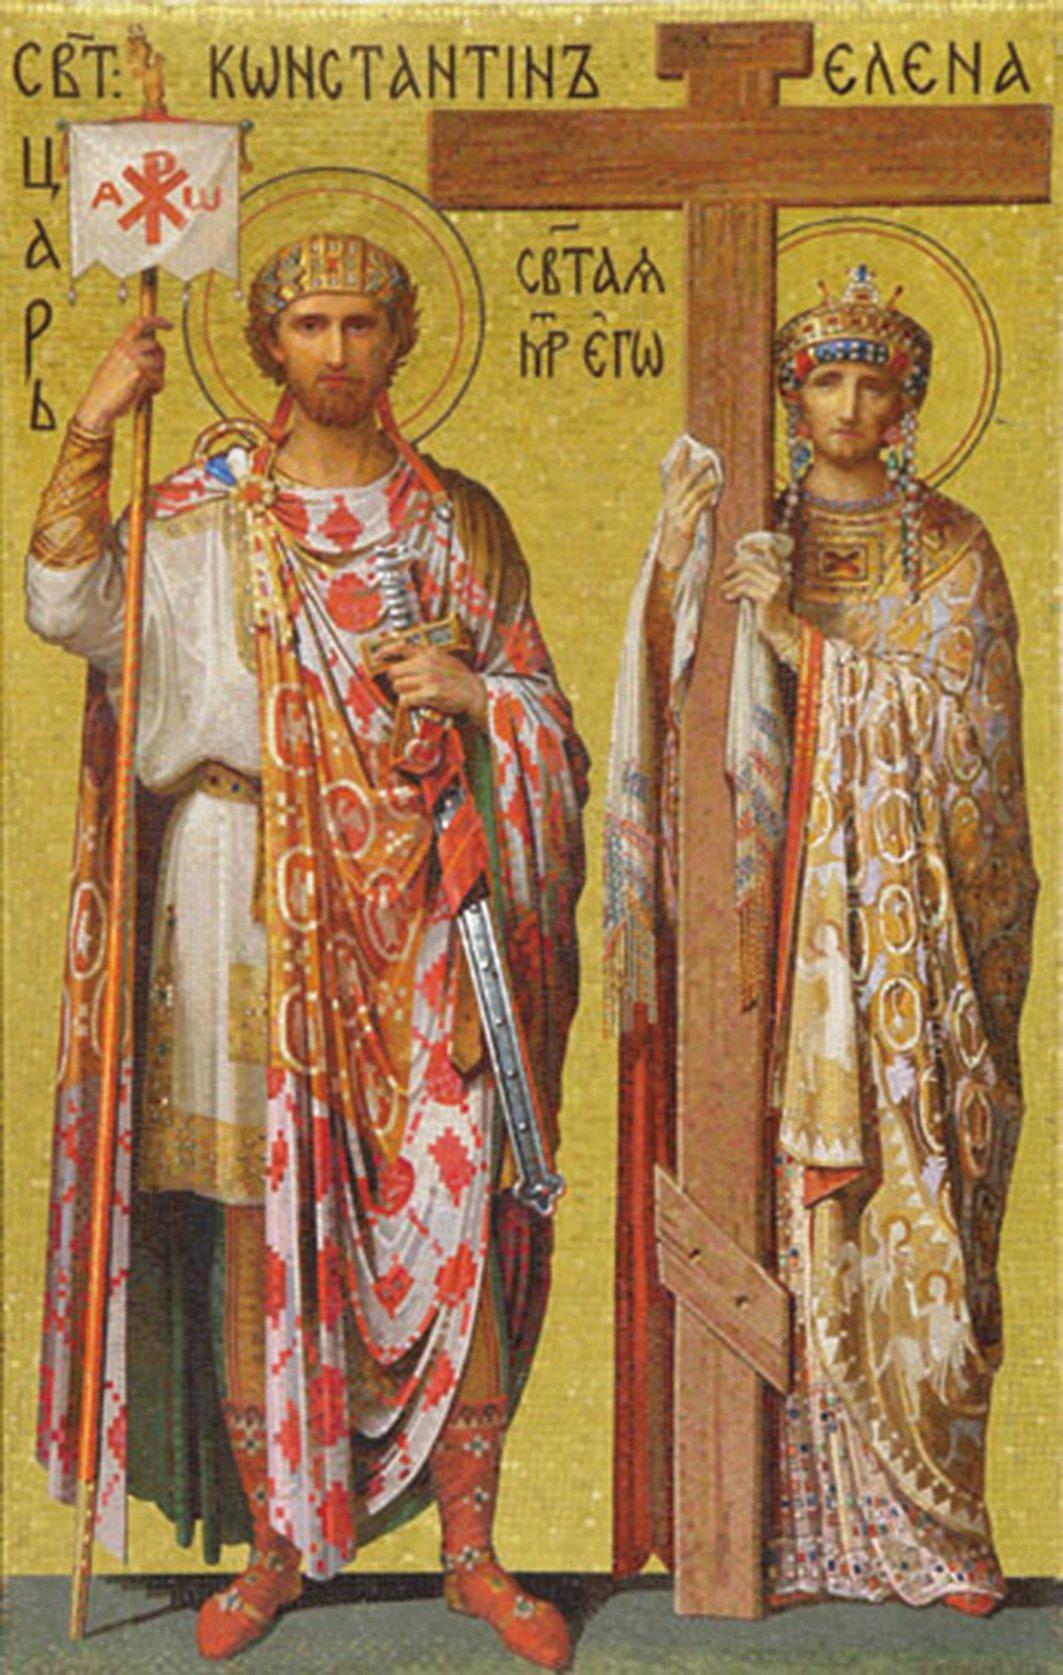 君士坦丁大帝與其母聖海倫納,相傳海倫納找到耶穌受刑的真十字架。(公有領域)